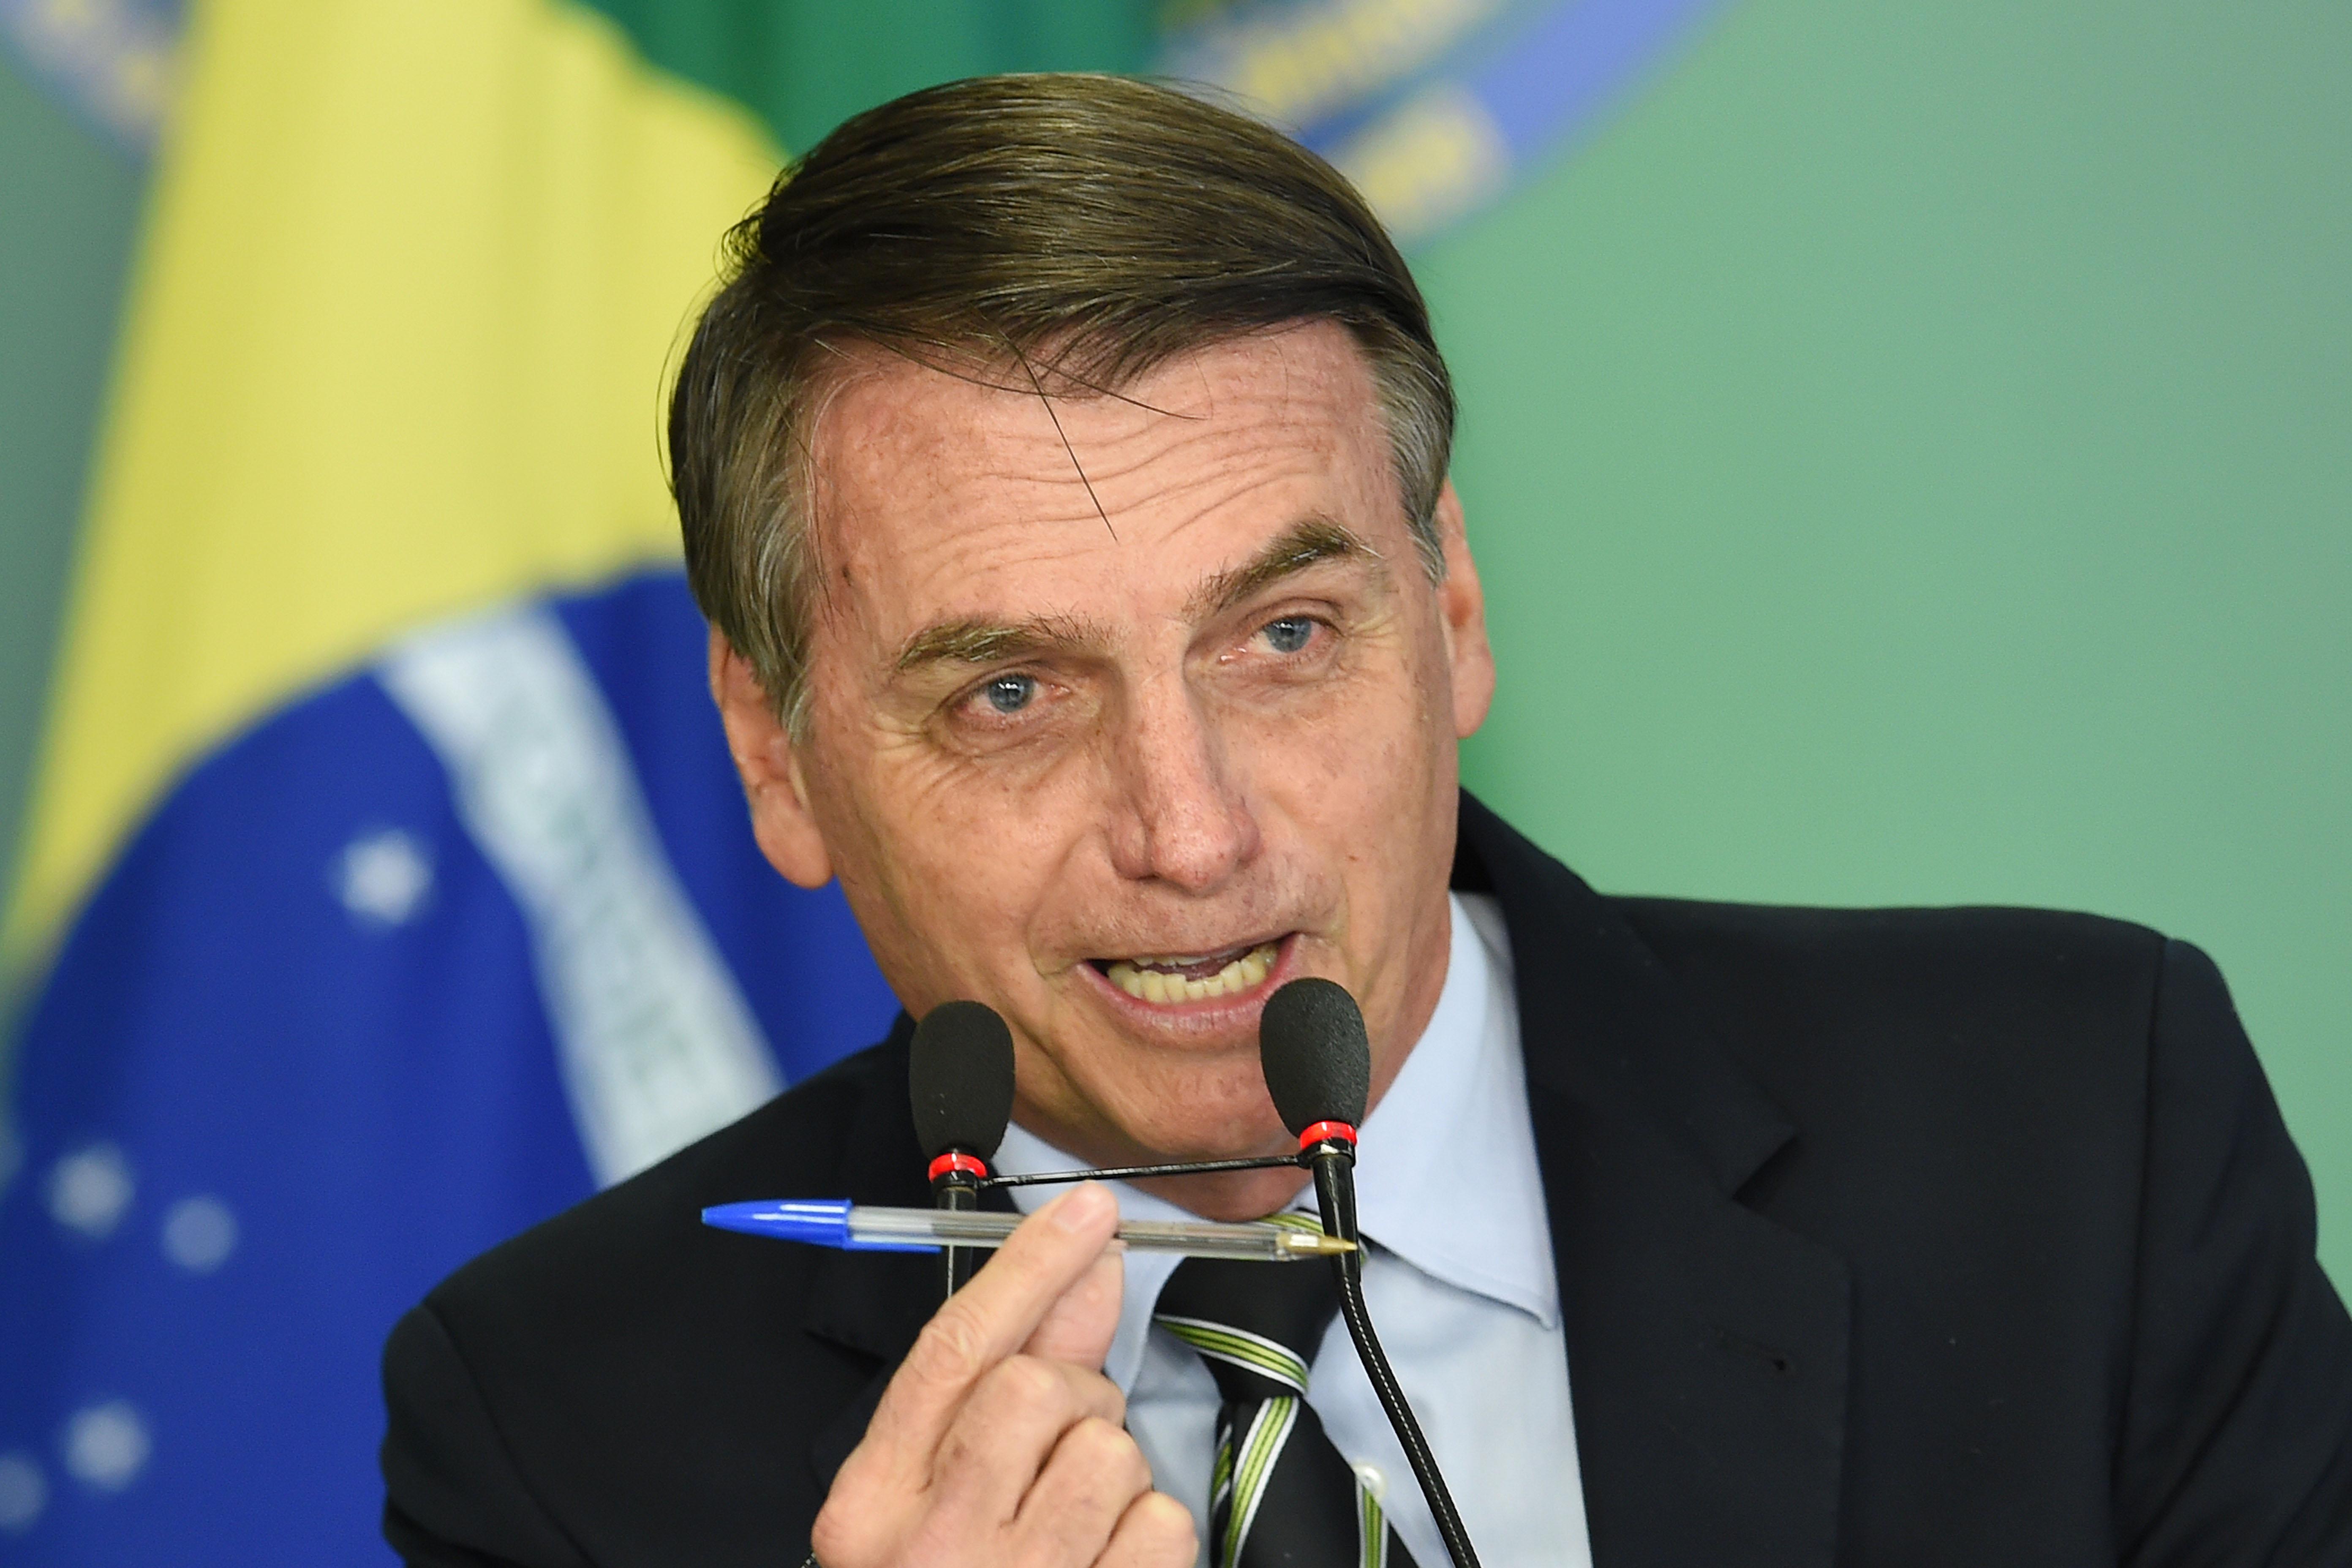 39 kiló kokaint találtak Bolsonaro elnök katonai küldöttségének pilótájánál